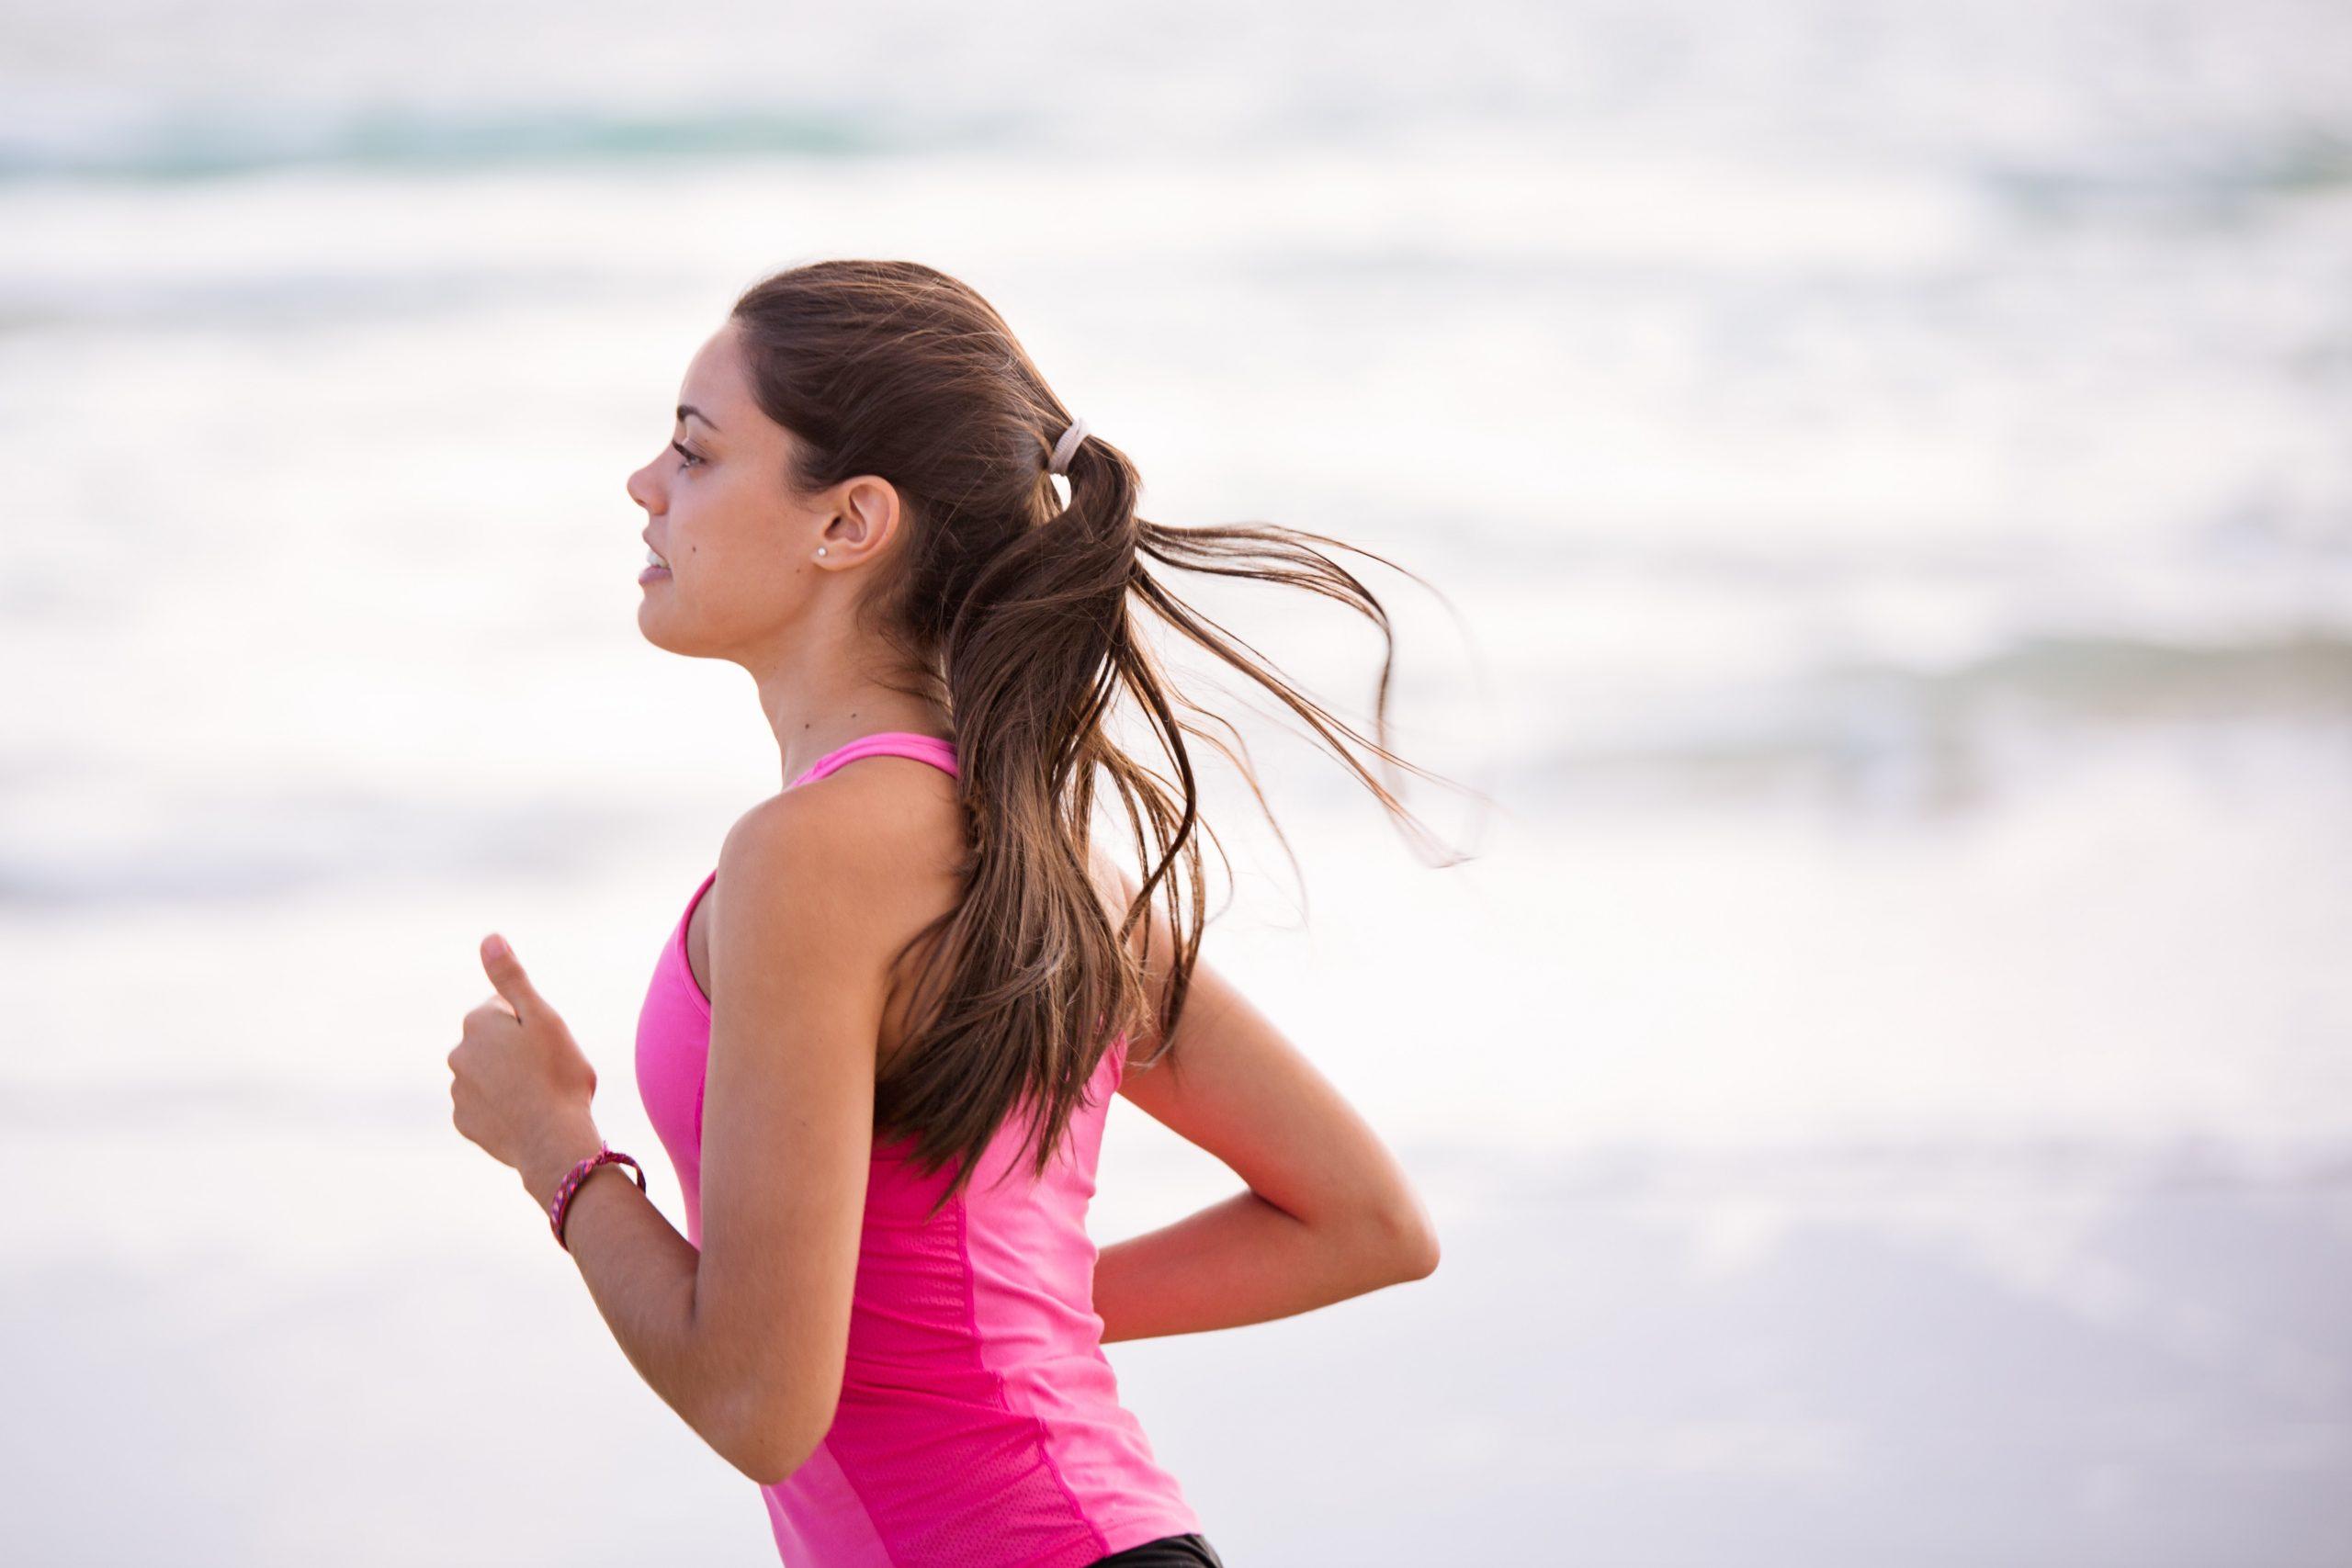 Coronavirus jogging two metres not enough